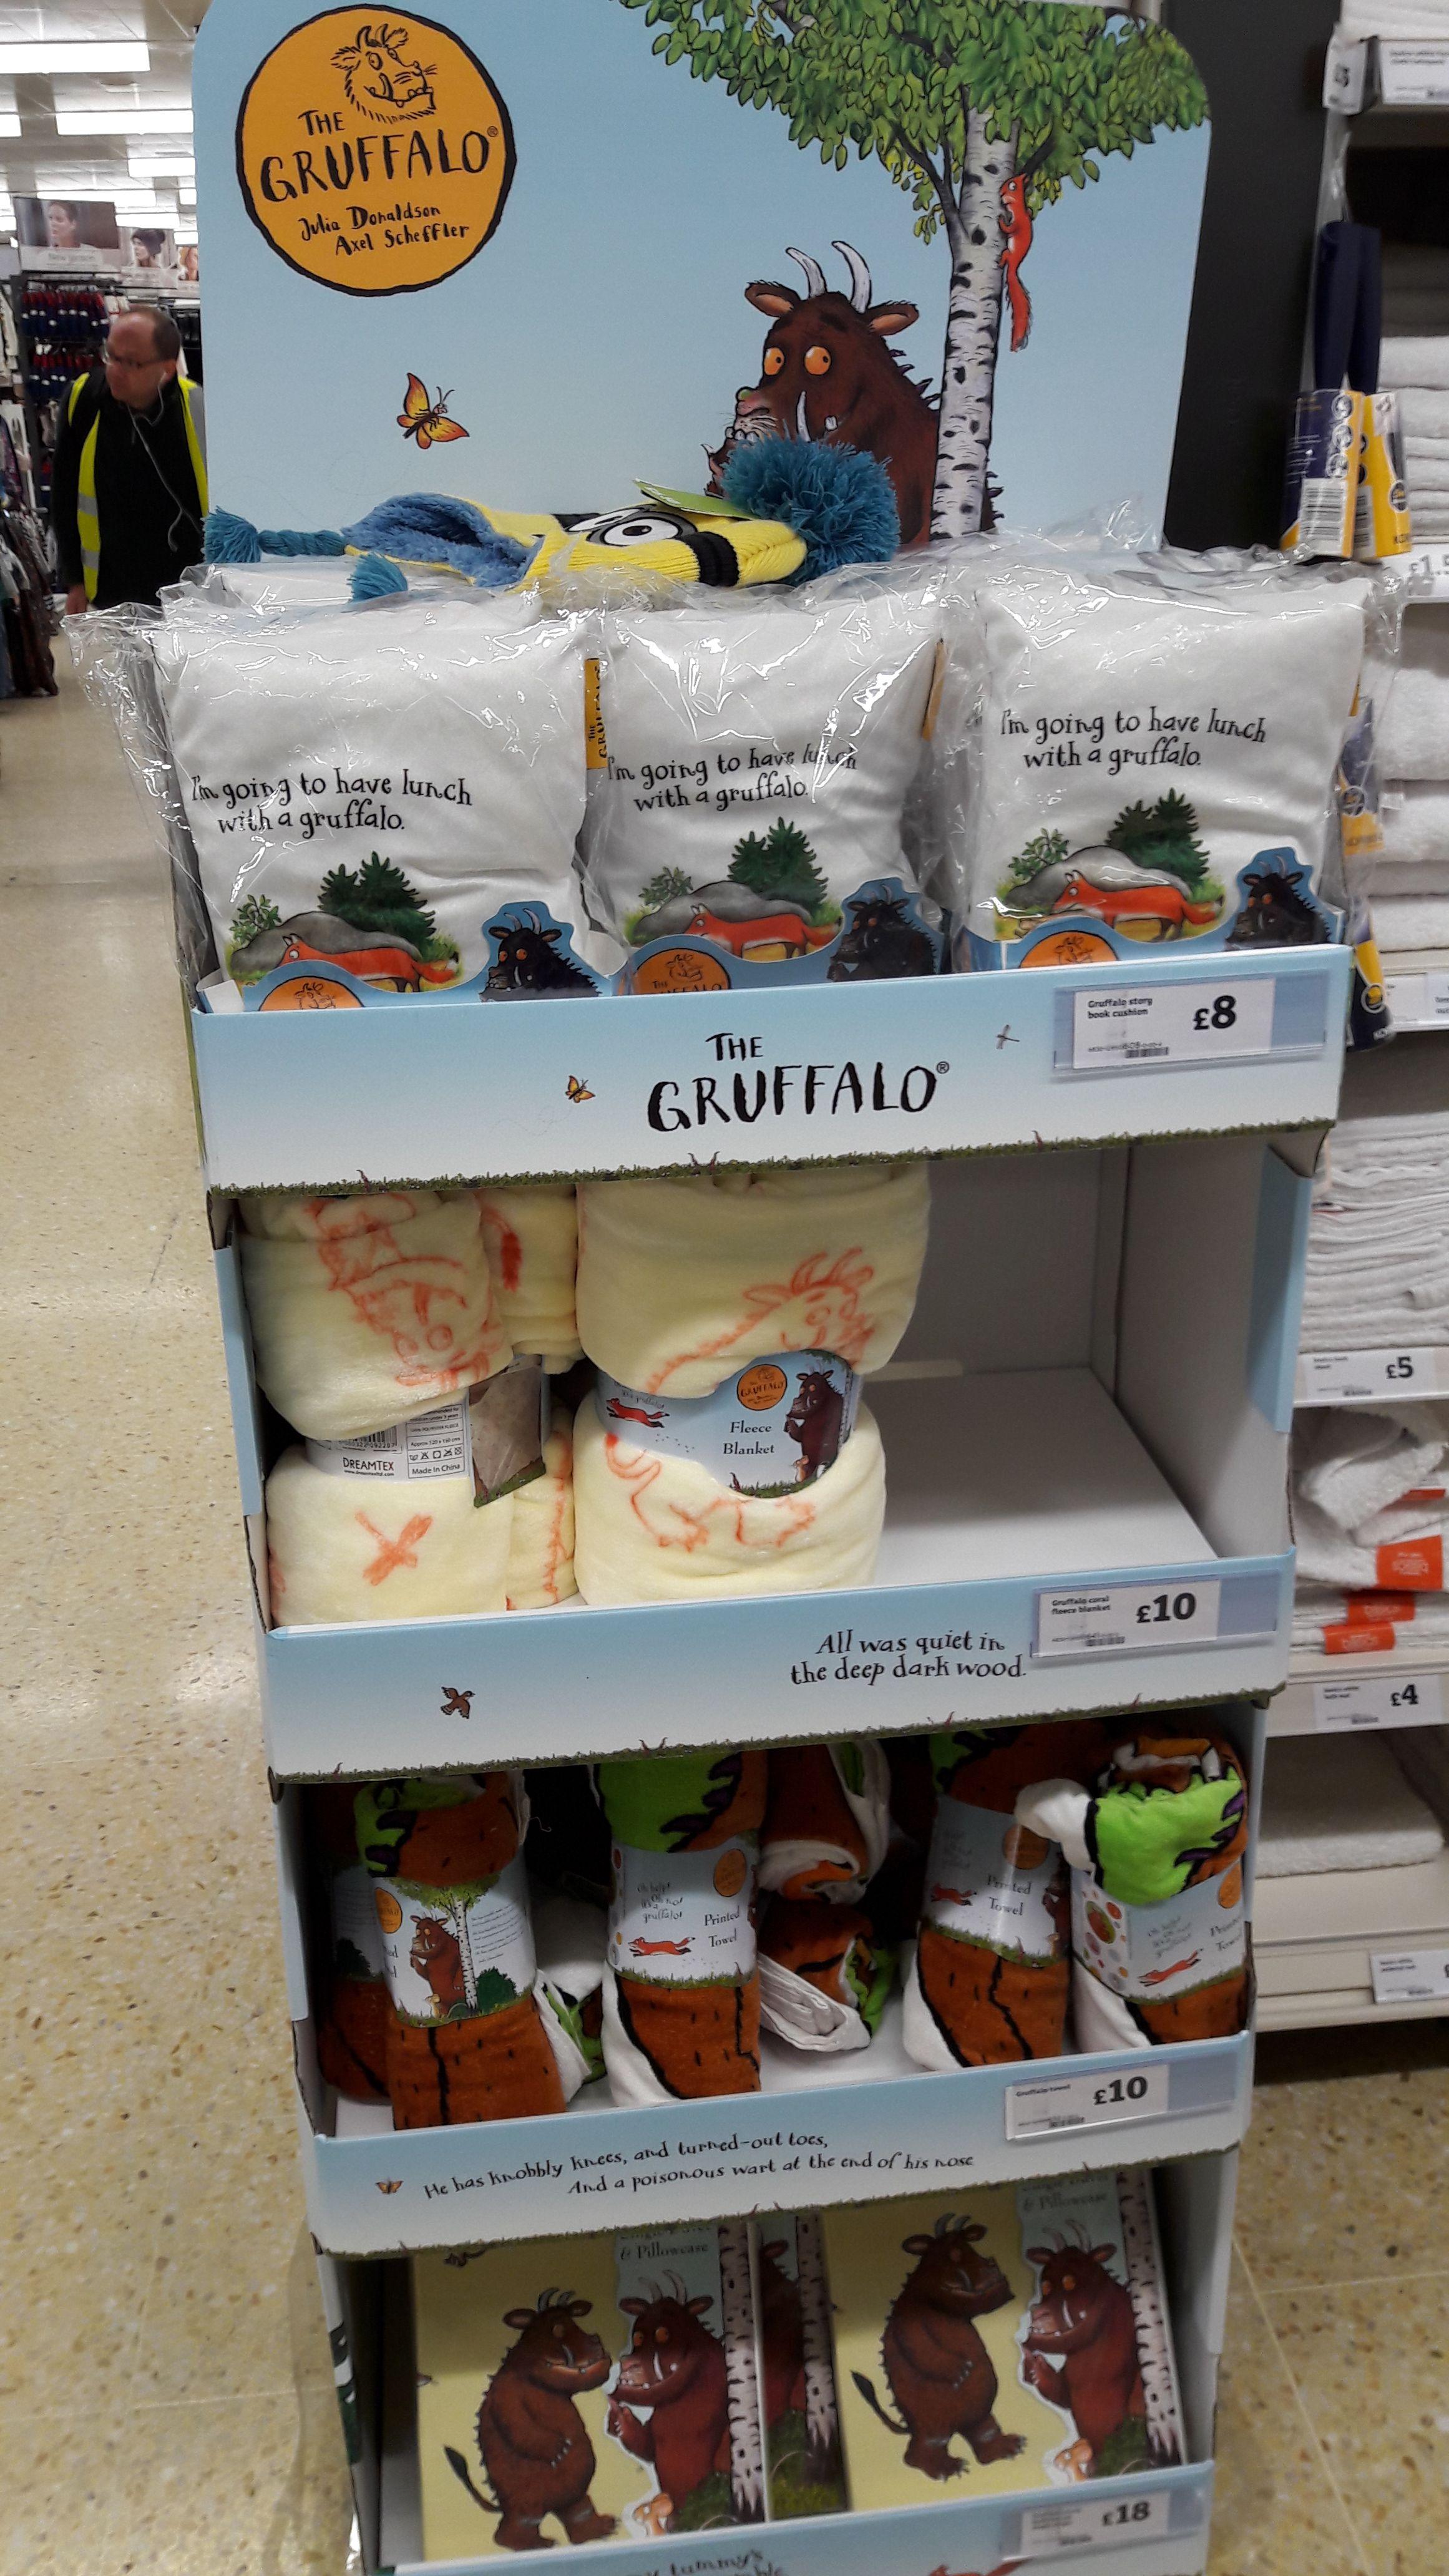 White apron sainsburys - The Gruffalo Bedding Range From Dreamtex In Sainsbury S